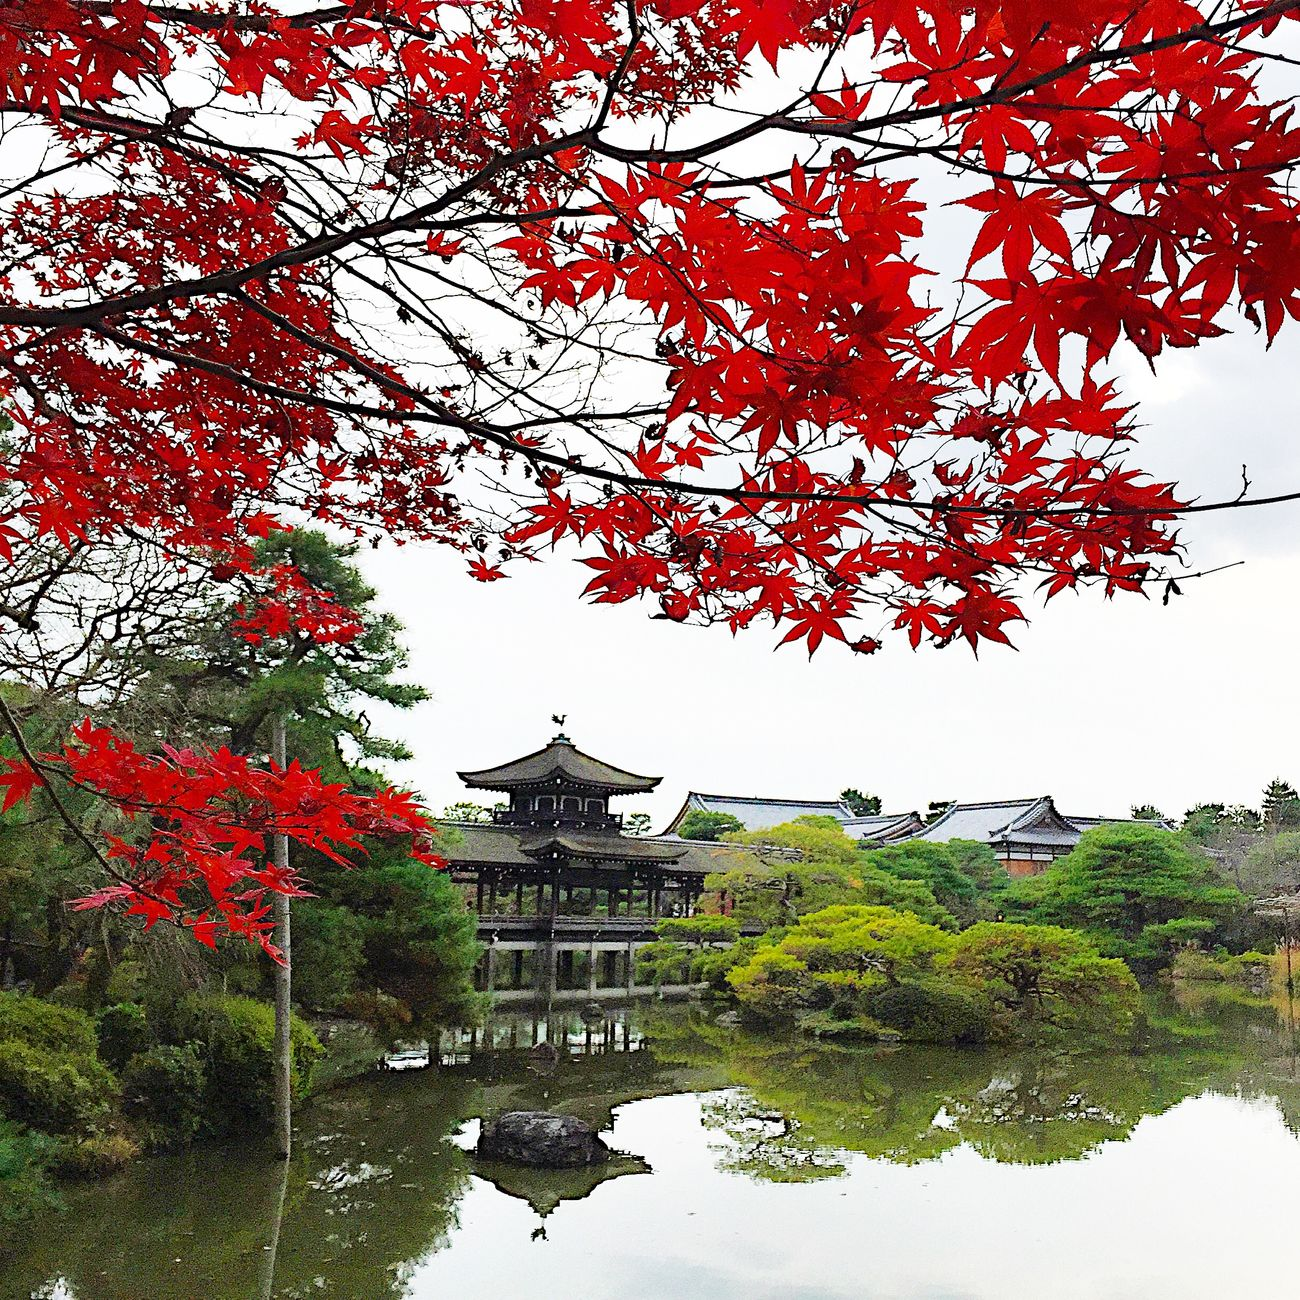 京都 平安神宮 神苑 紅葉 もみじ